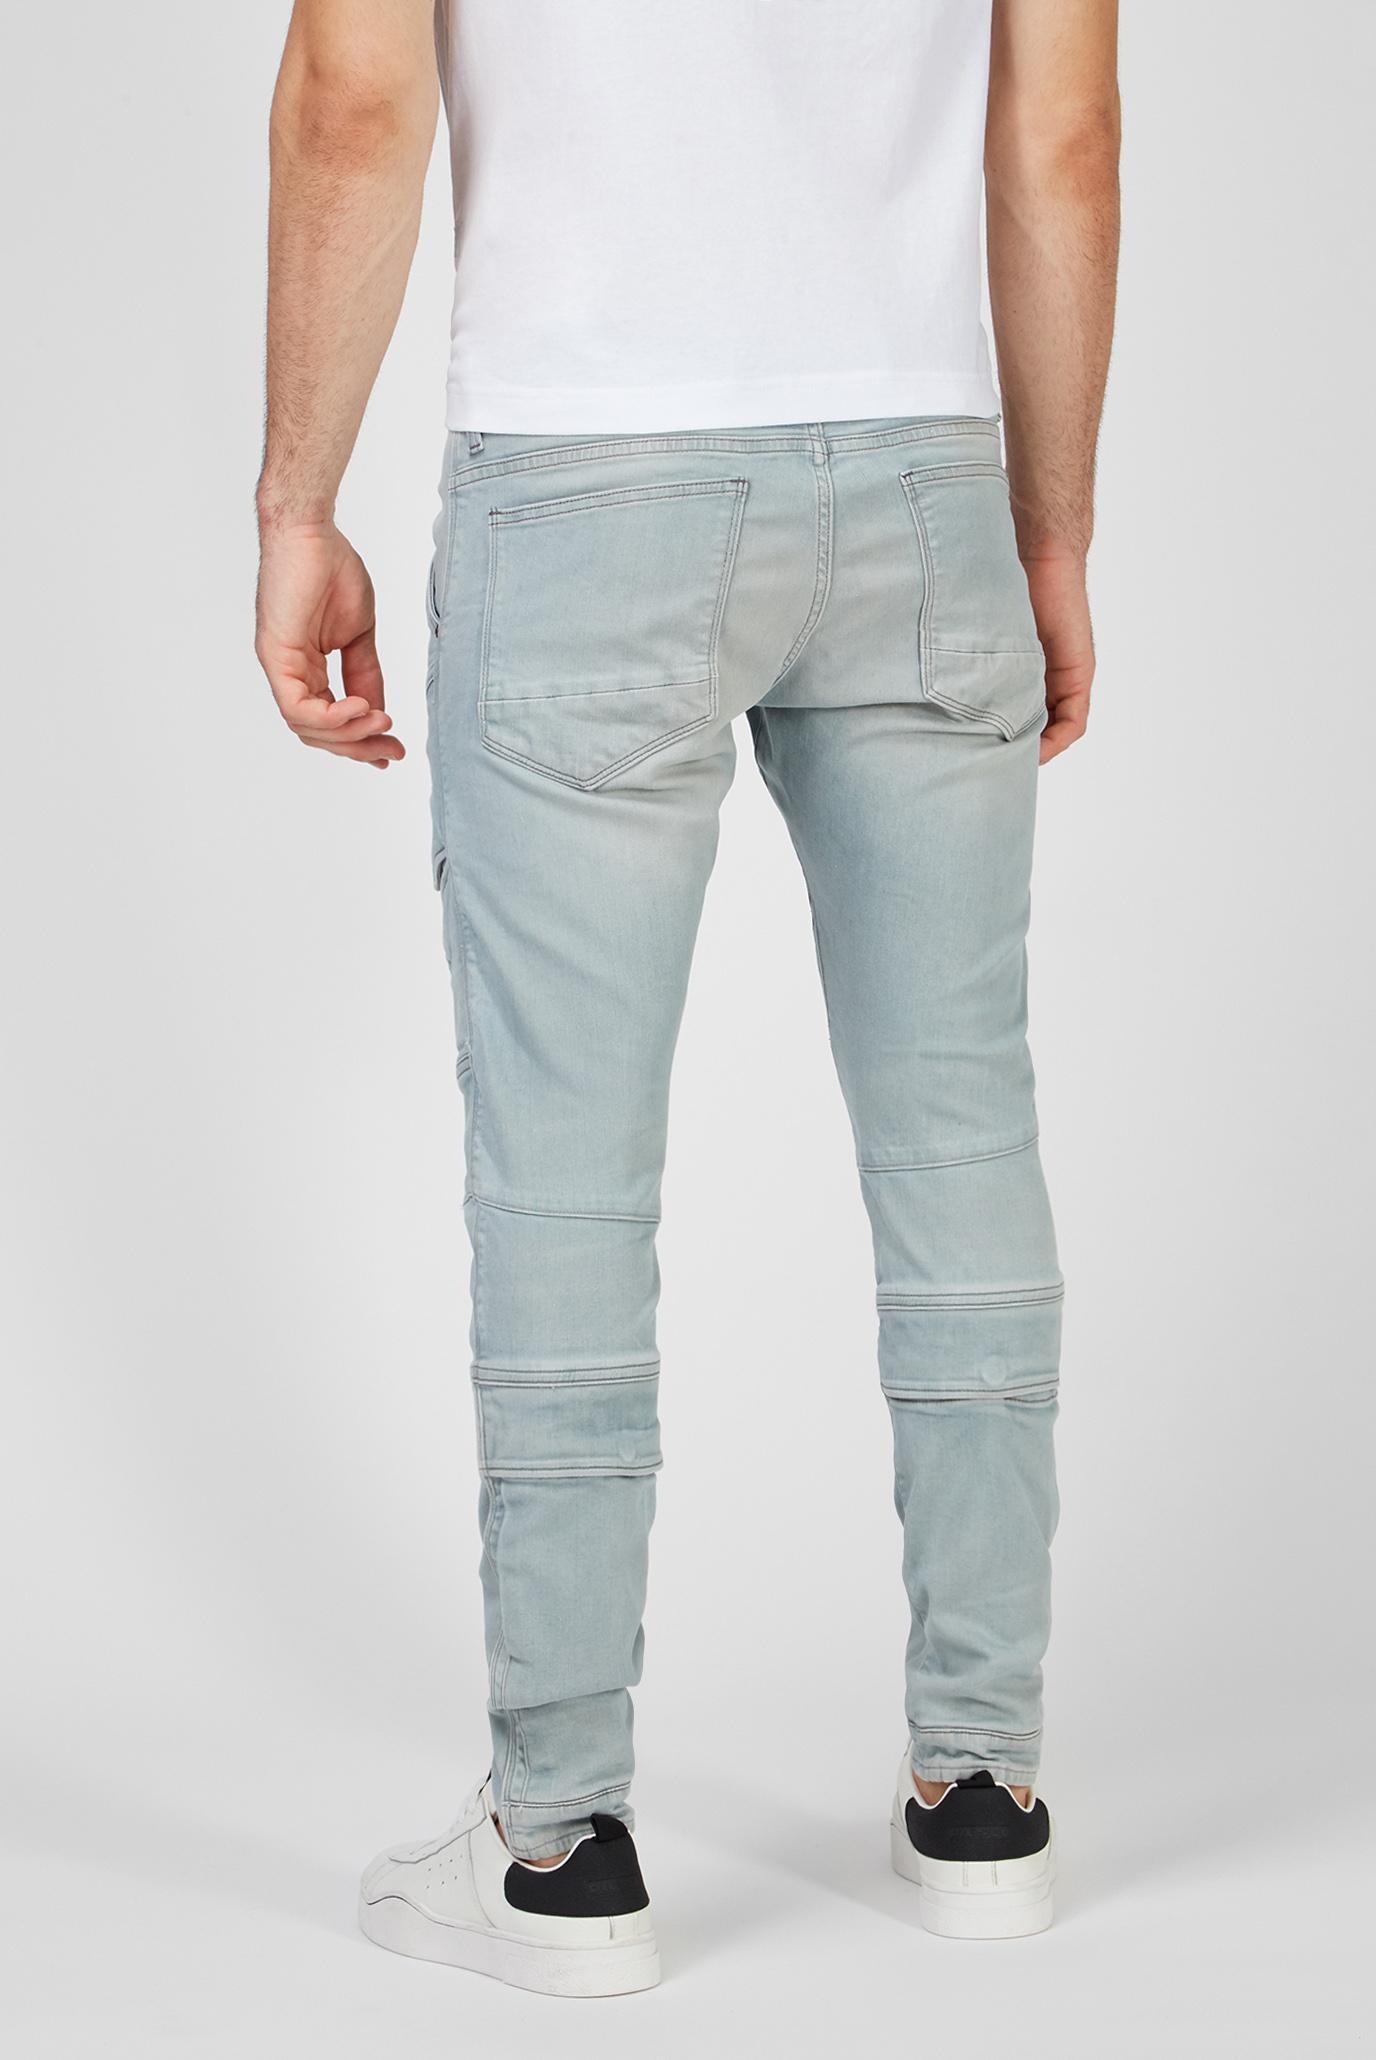 Мужские голубые джинсы Airblaze 3D Skinny G-Star RAW